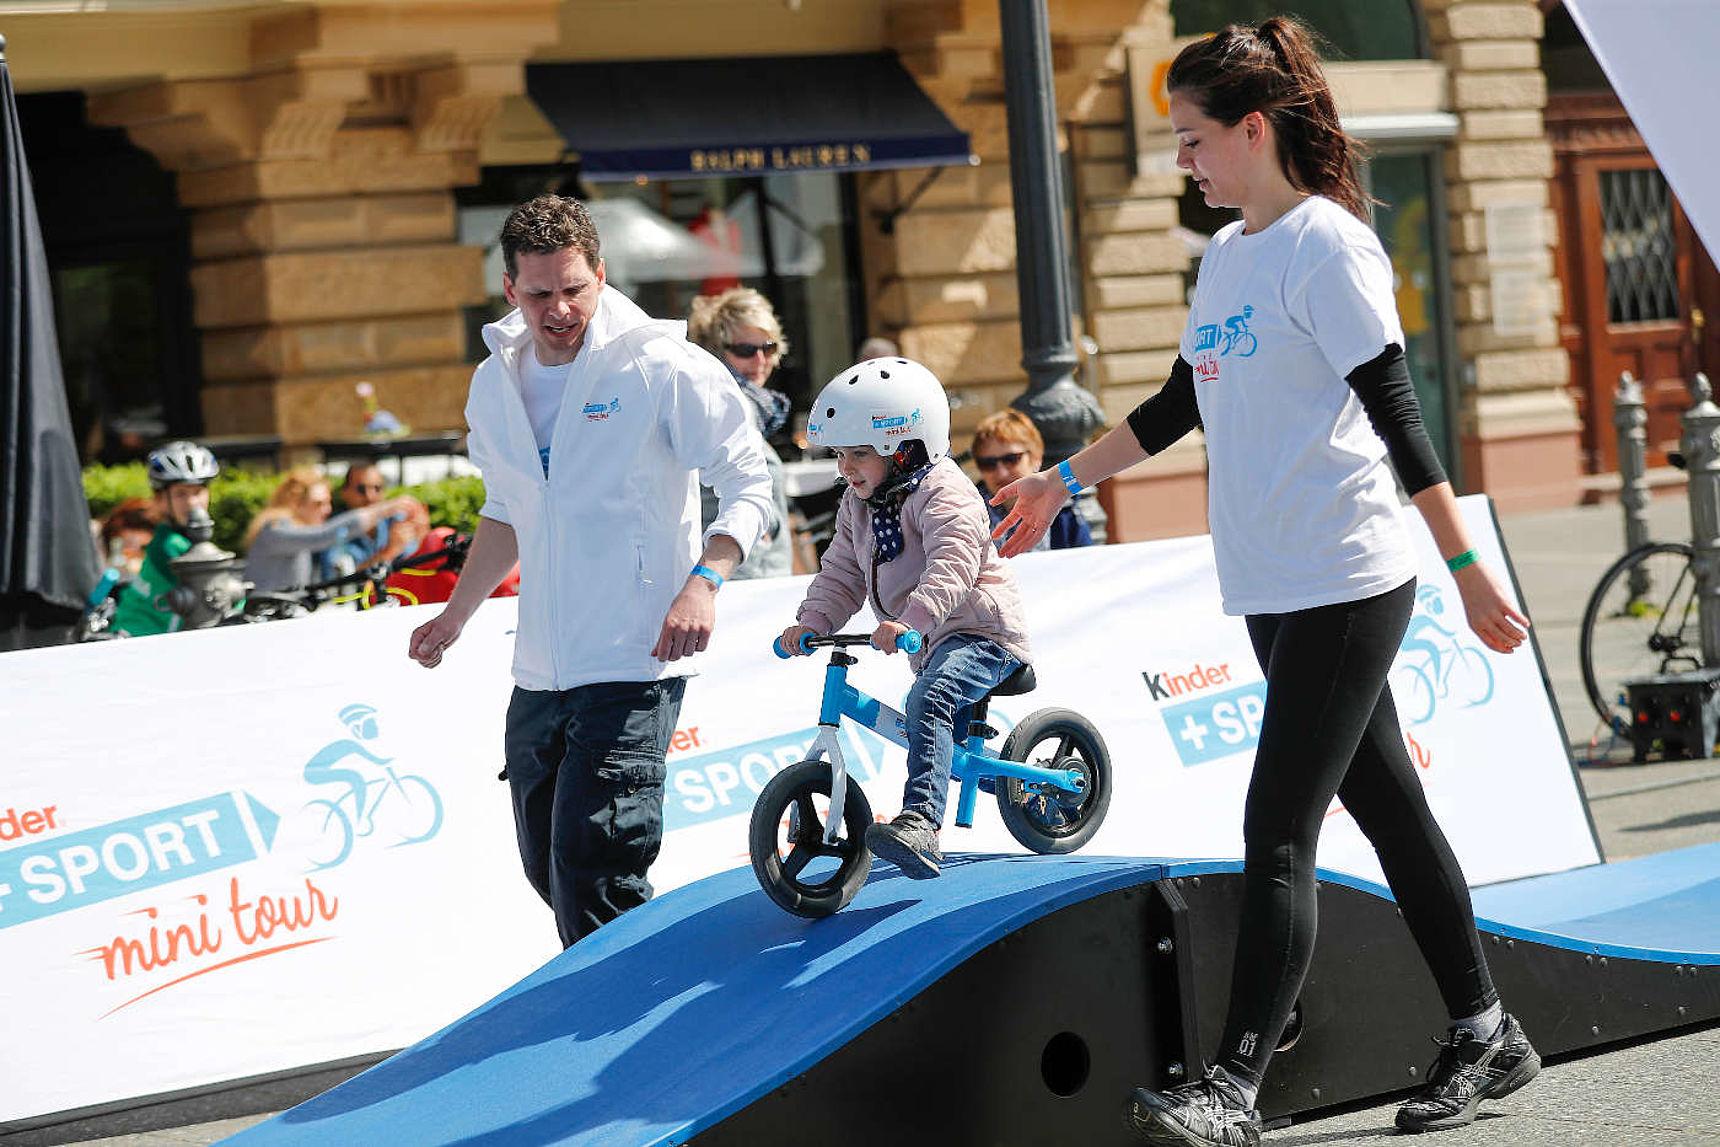 kinder+Sport mini tour Fahrrad-Erlebniswelt nah